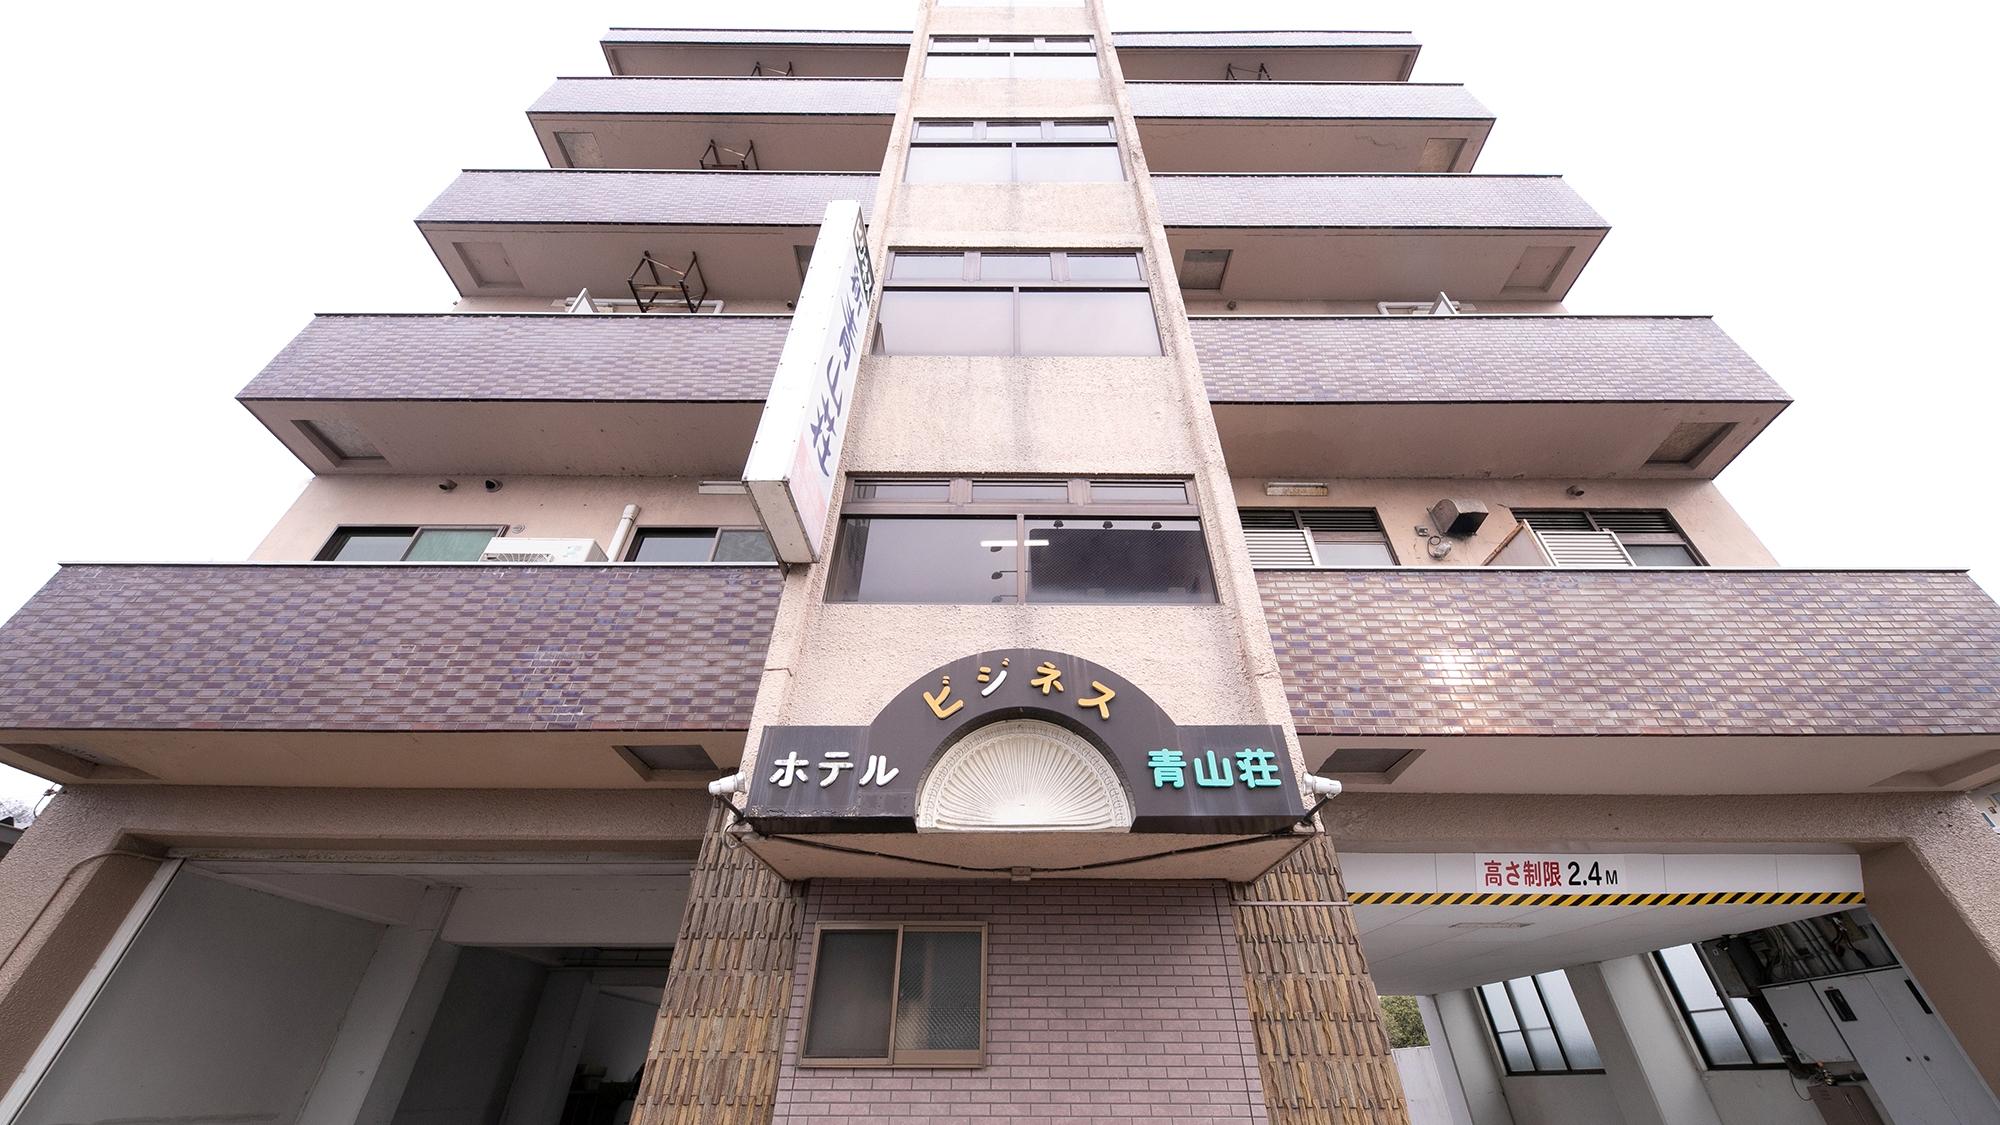 山鹿温泉 新青山荘(しんせいざんそう)